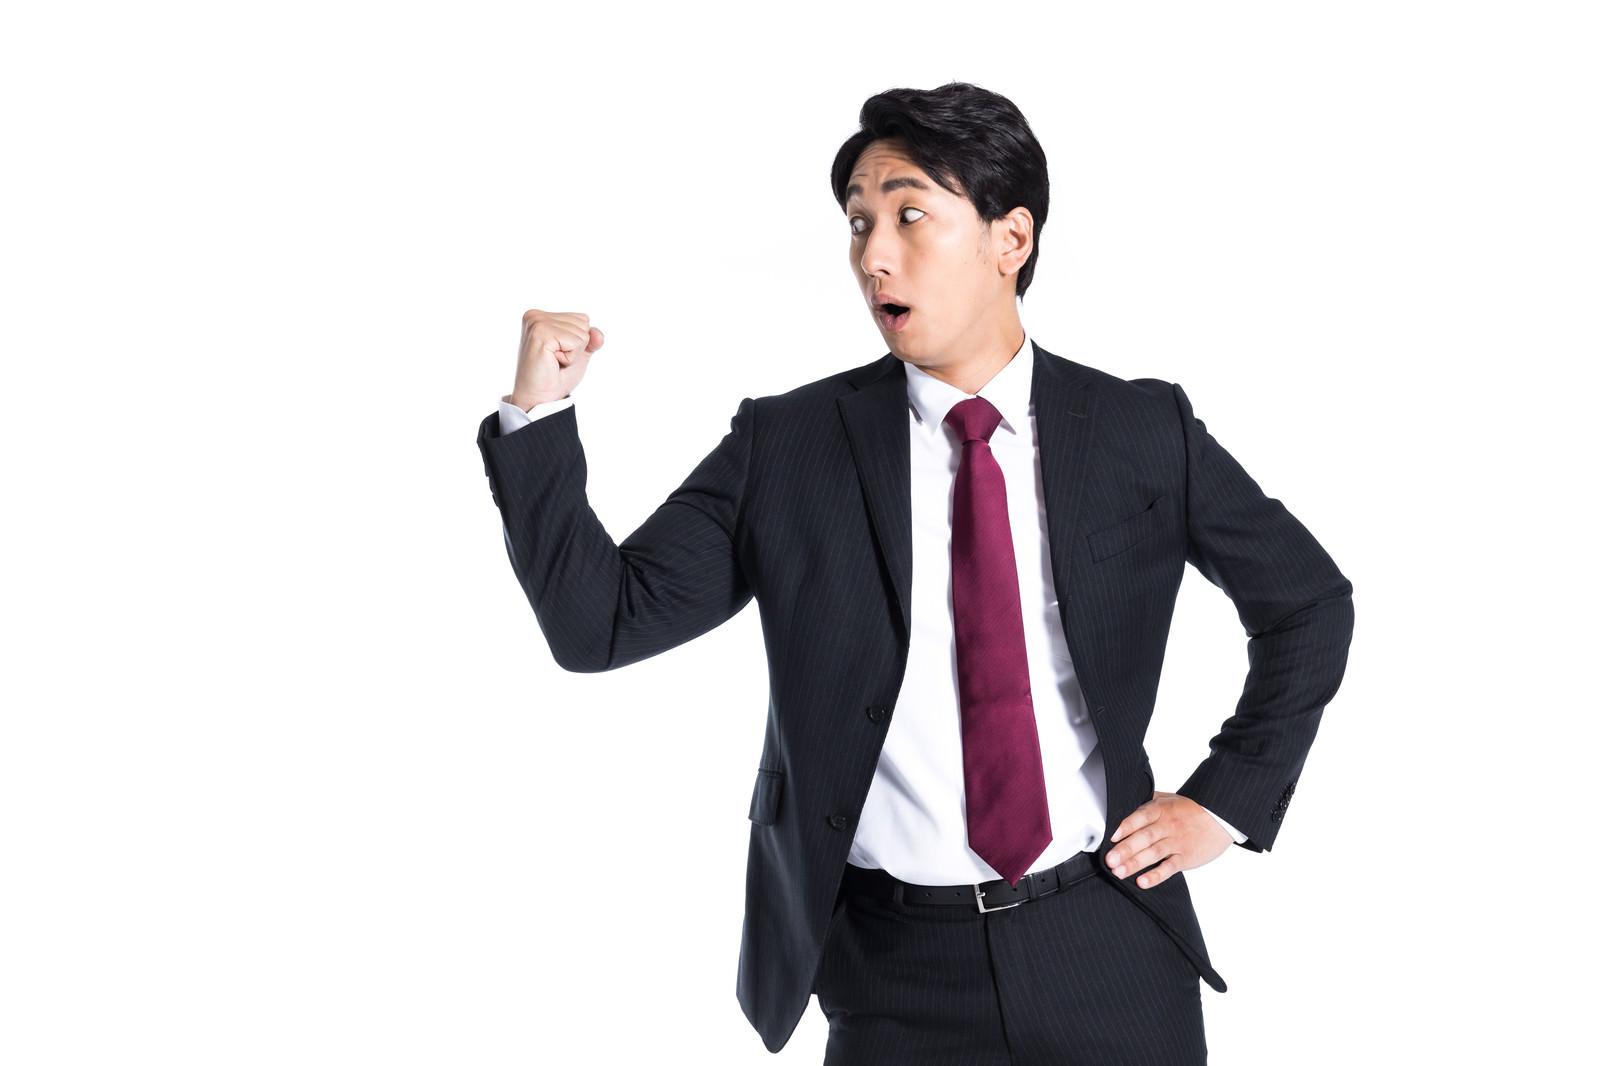 「気づいたら拳を振り上げてたセルフパワハラ」の写真[モデル:大川竜弥]